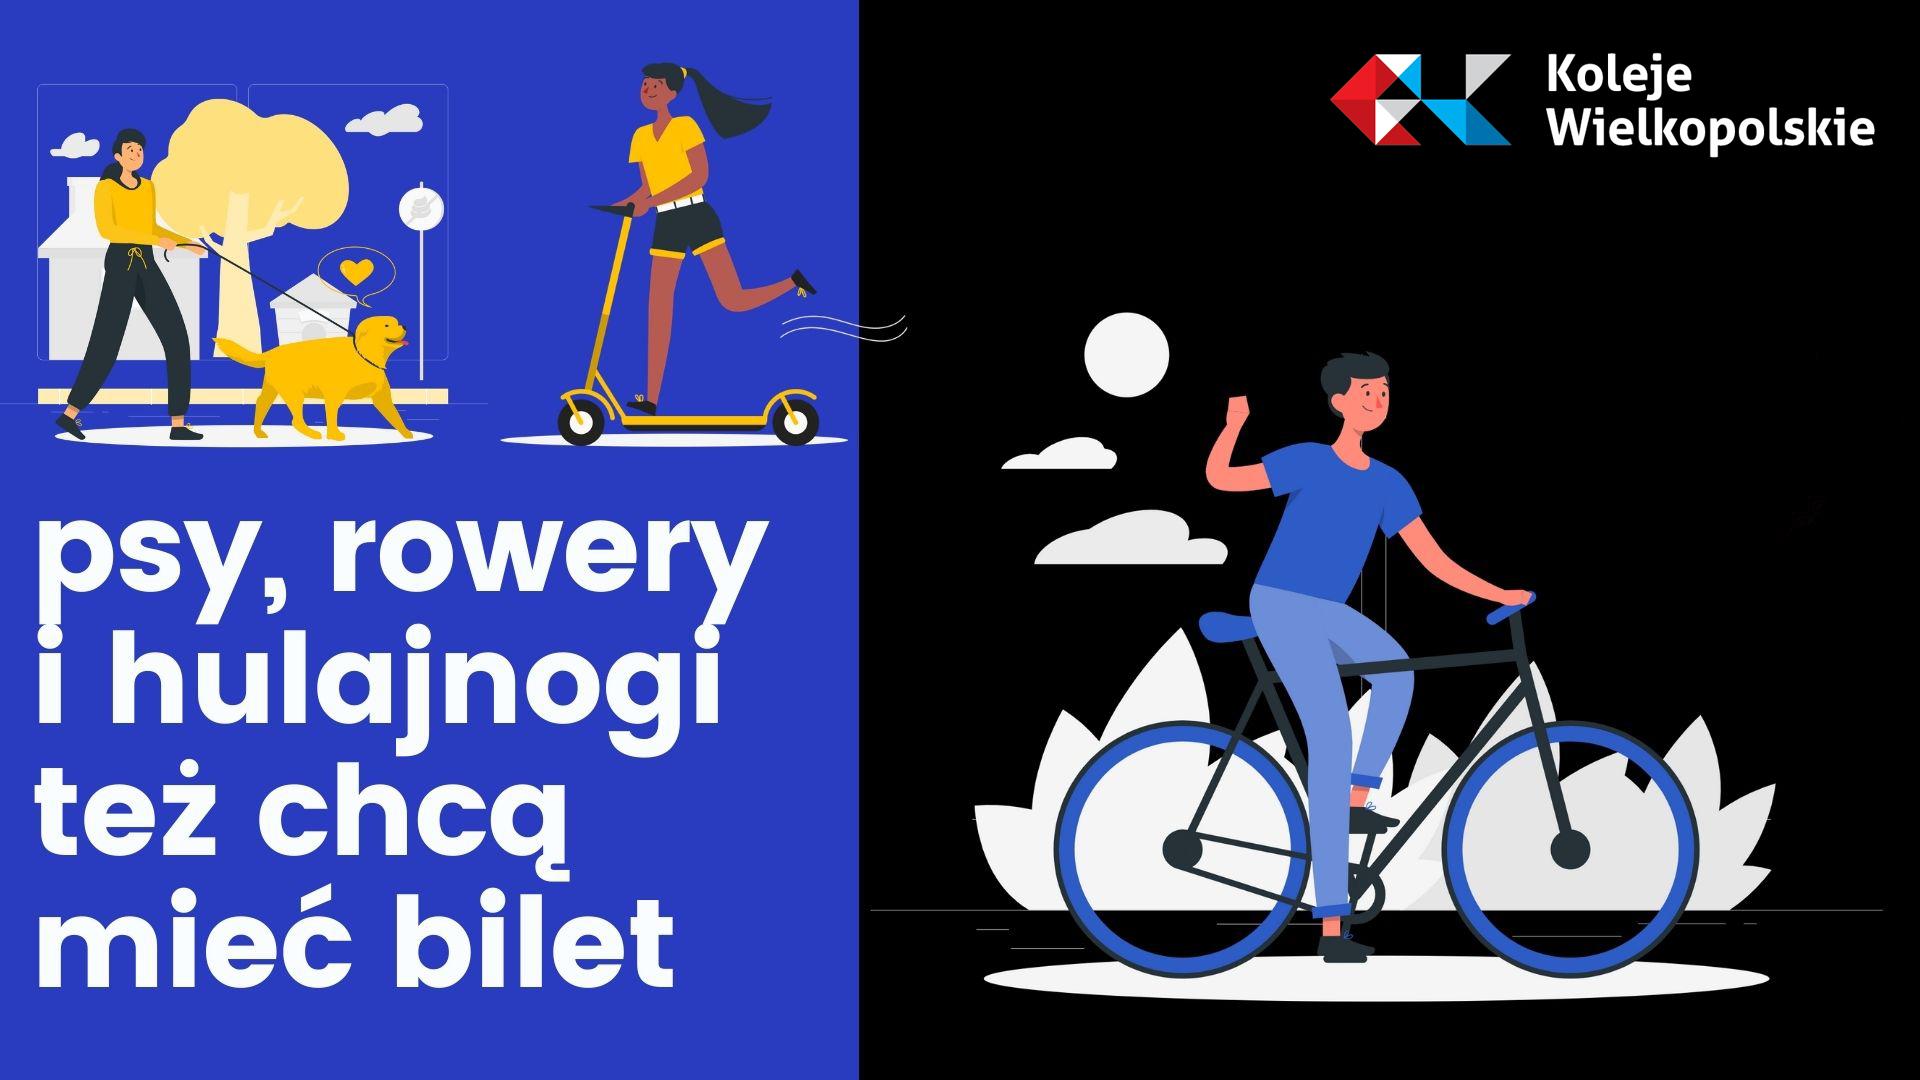 Grafika informująca o konieczności opłaty za rower, hulajnogę i psa